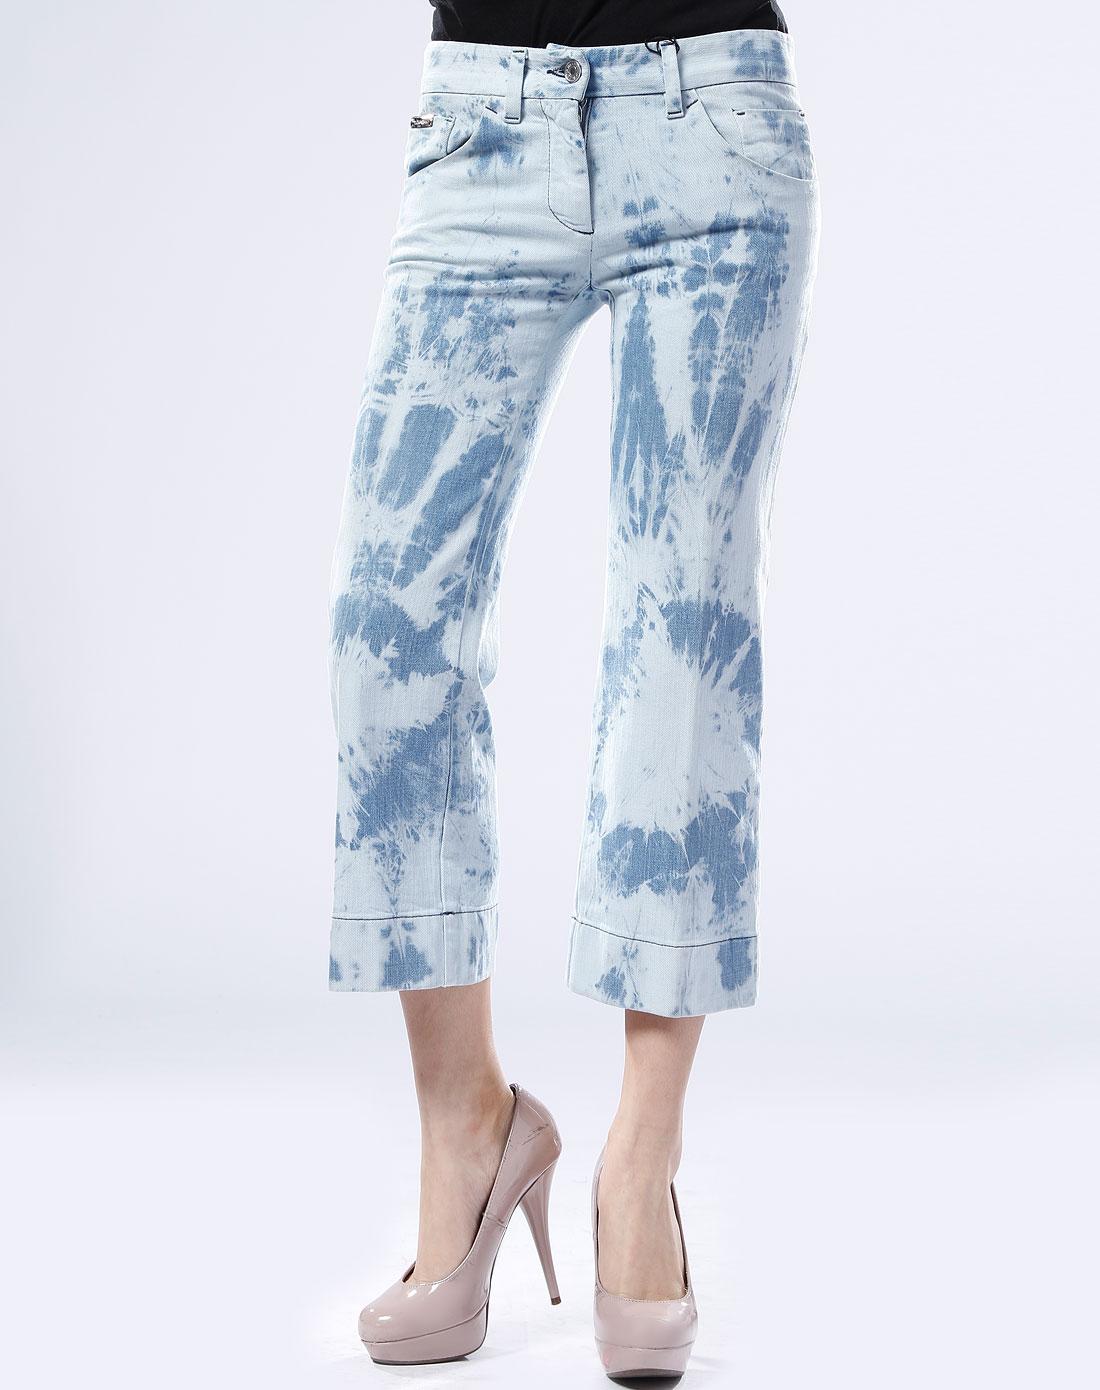 女款淡蓝色街头风格牛仔中裤